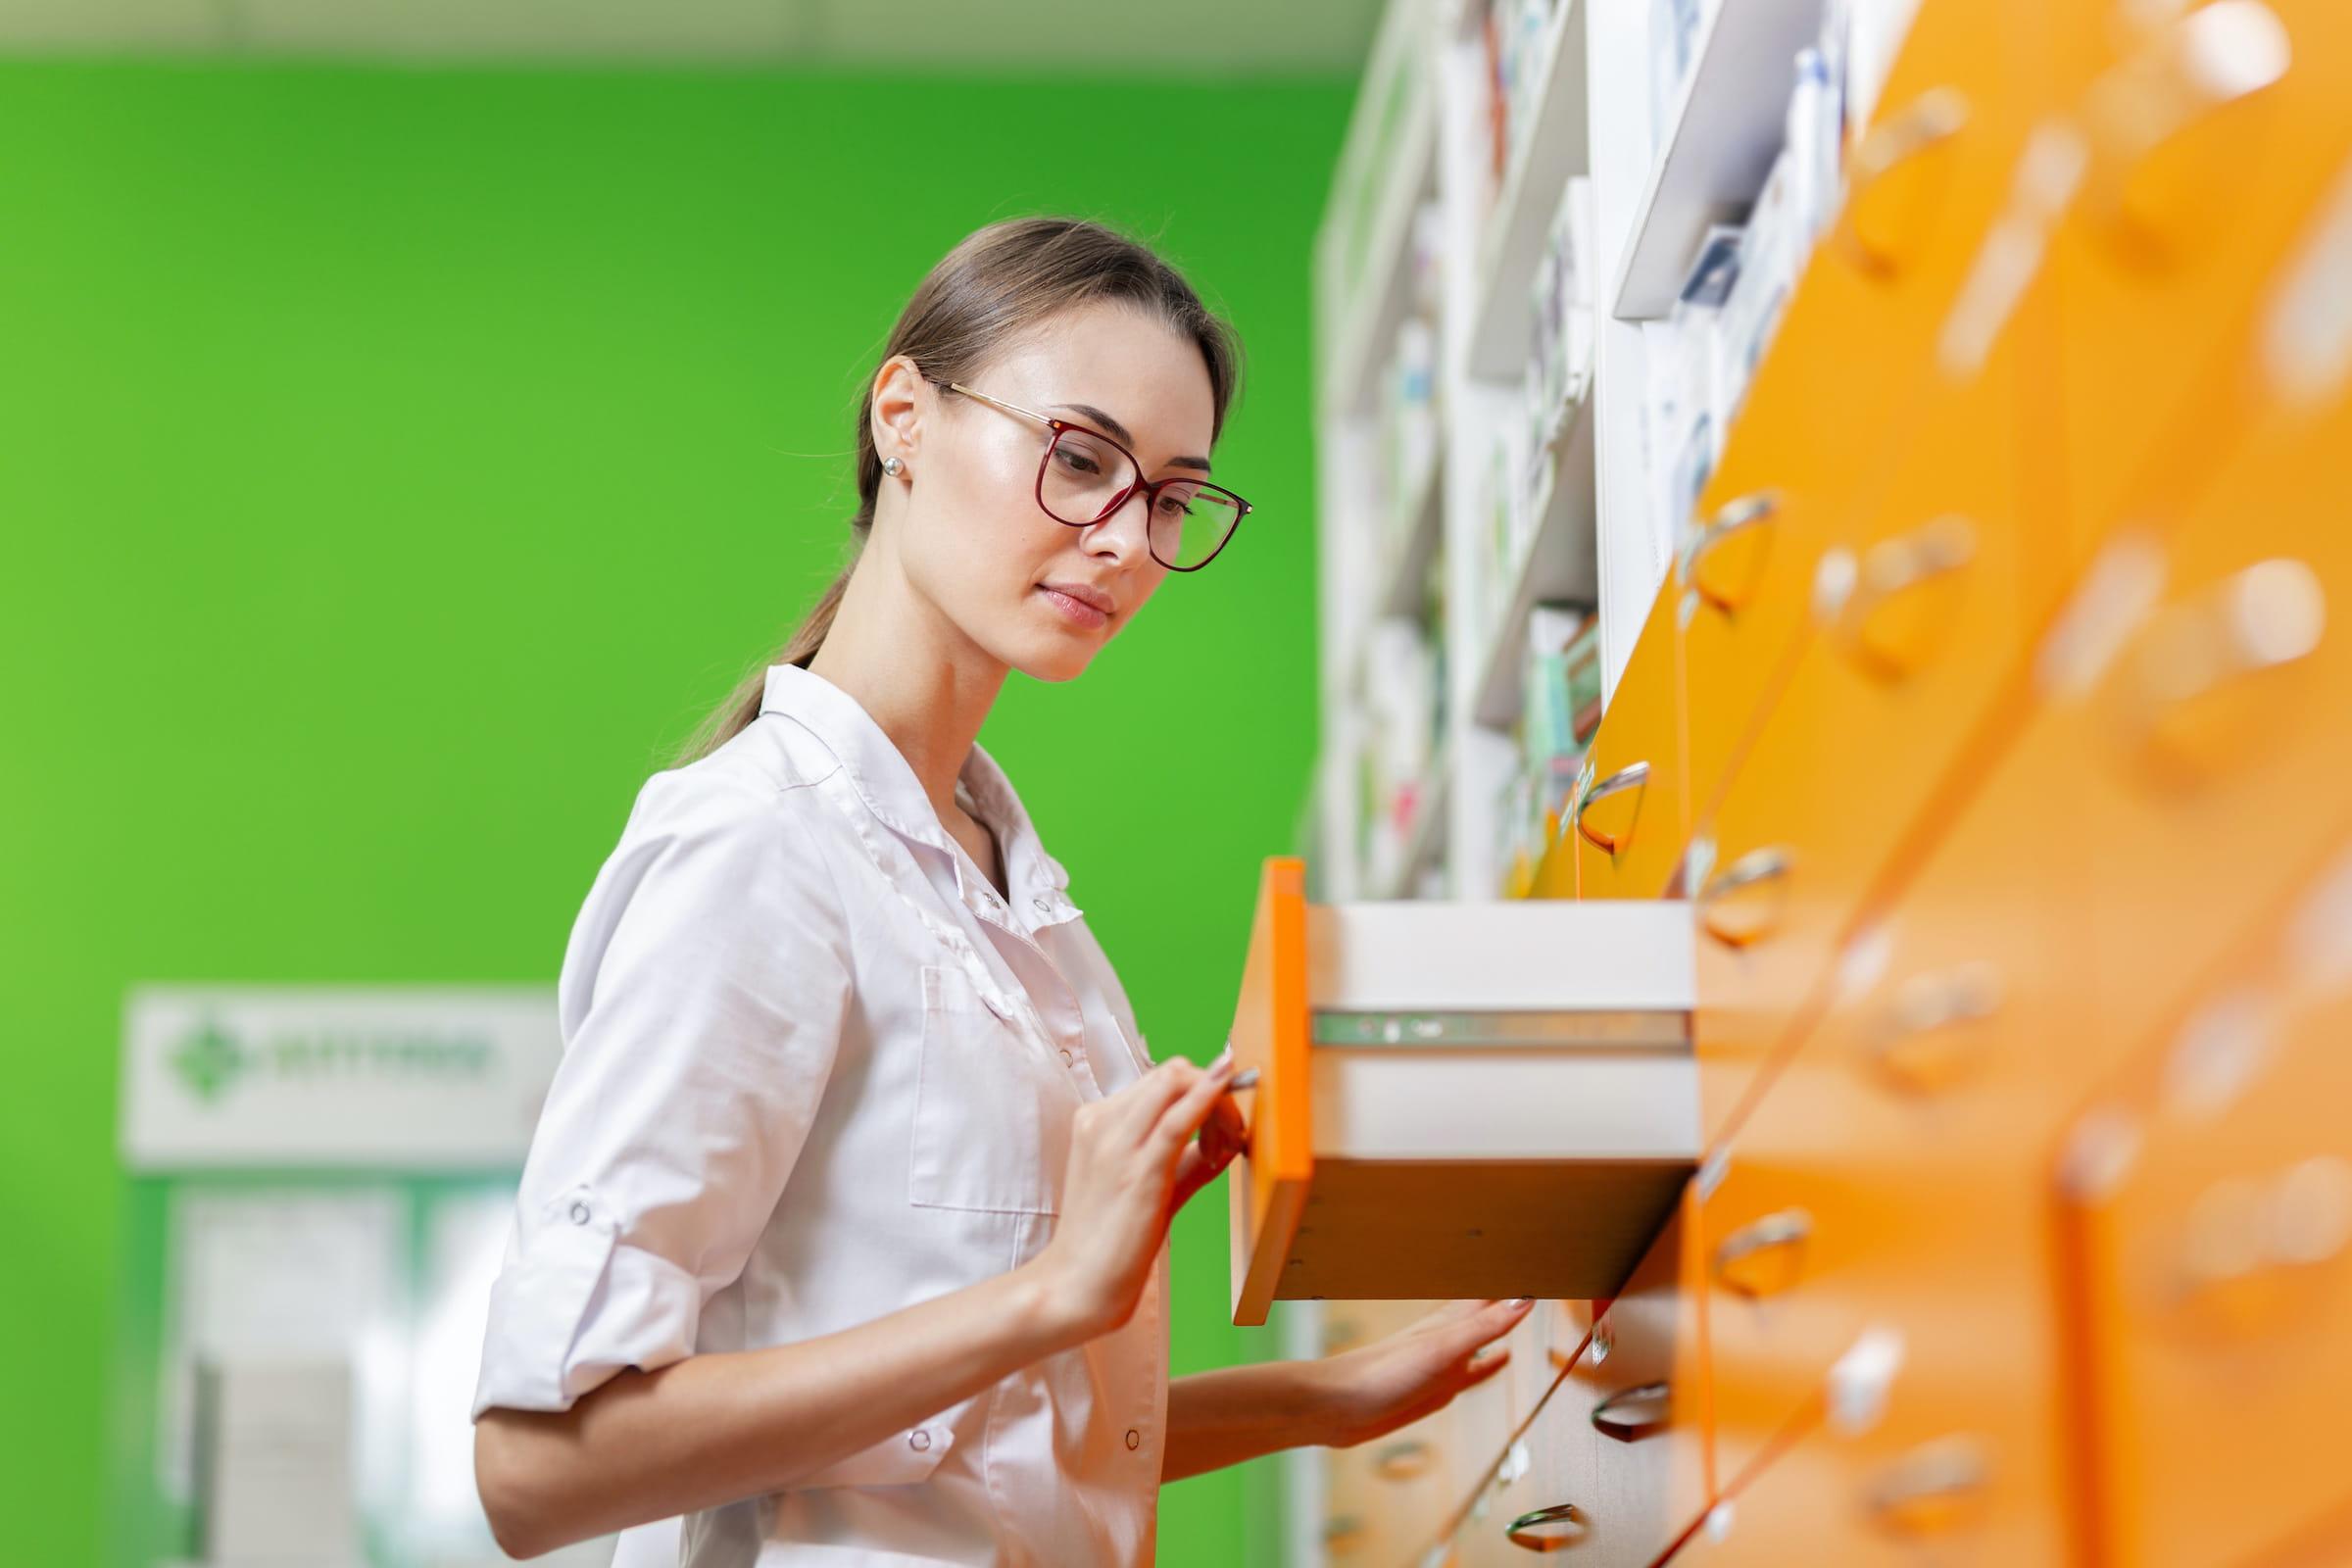 Novità: arriva lo smart locker anche in farmacia